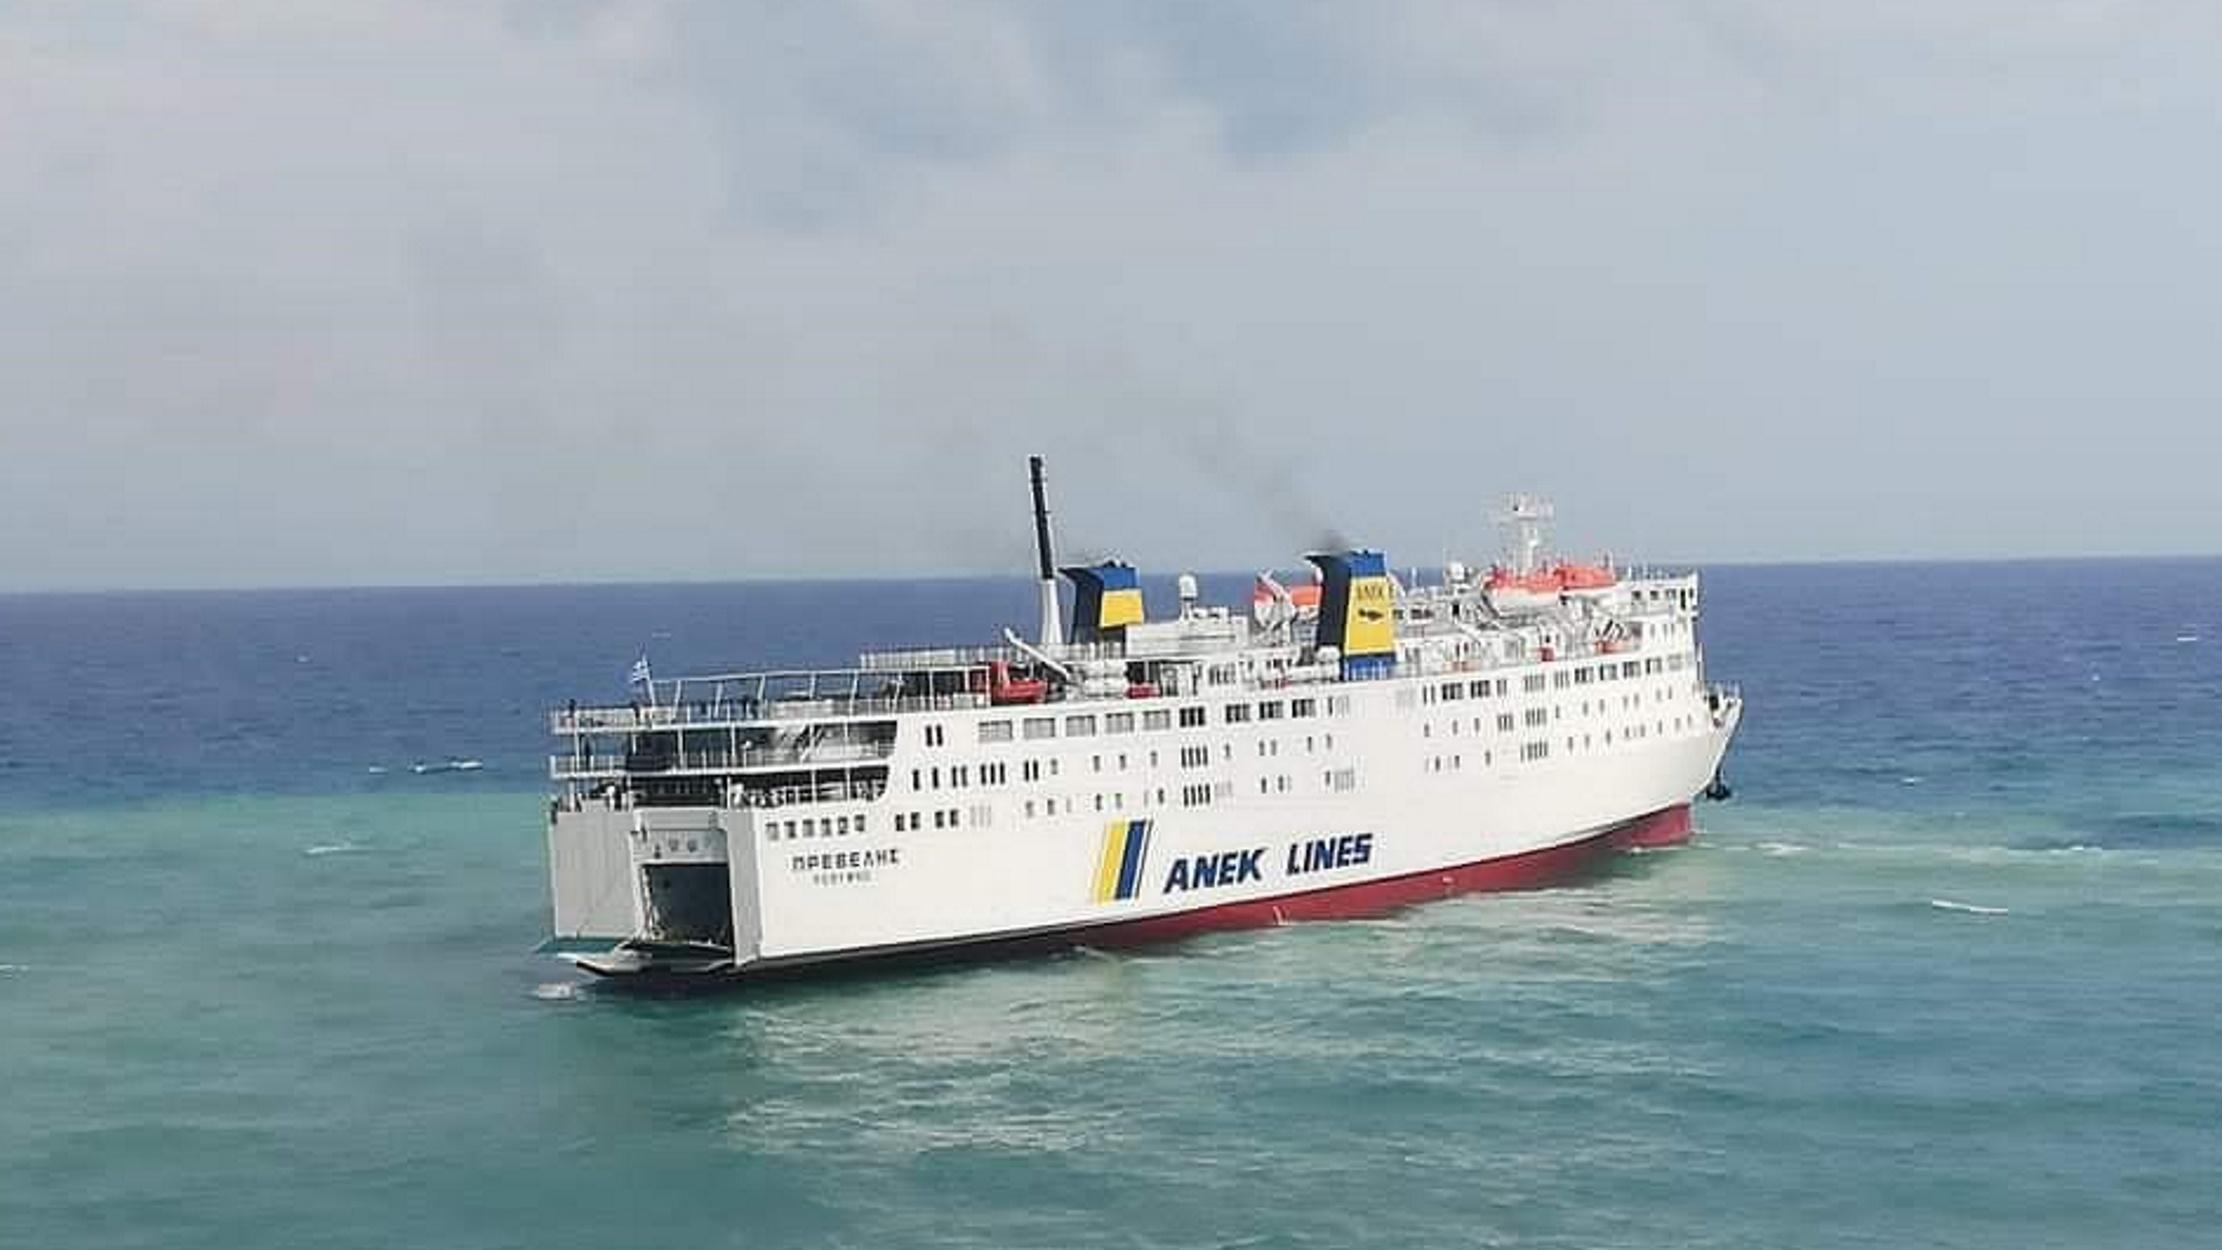 """Η Οδύσσεια του πλοίου """"Πρέβελης"""": Έχασε την μία άγκυρα – Αγωνία για τους 173 επιβαίνοντες (pics, video)"""